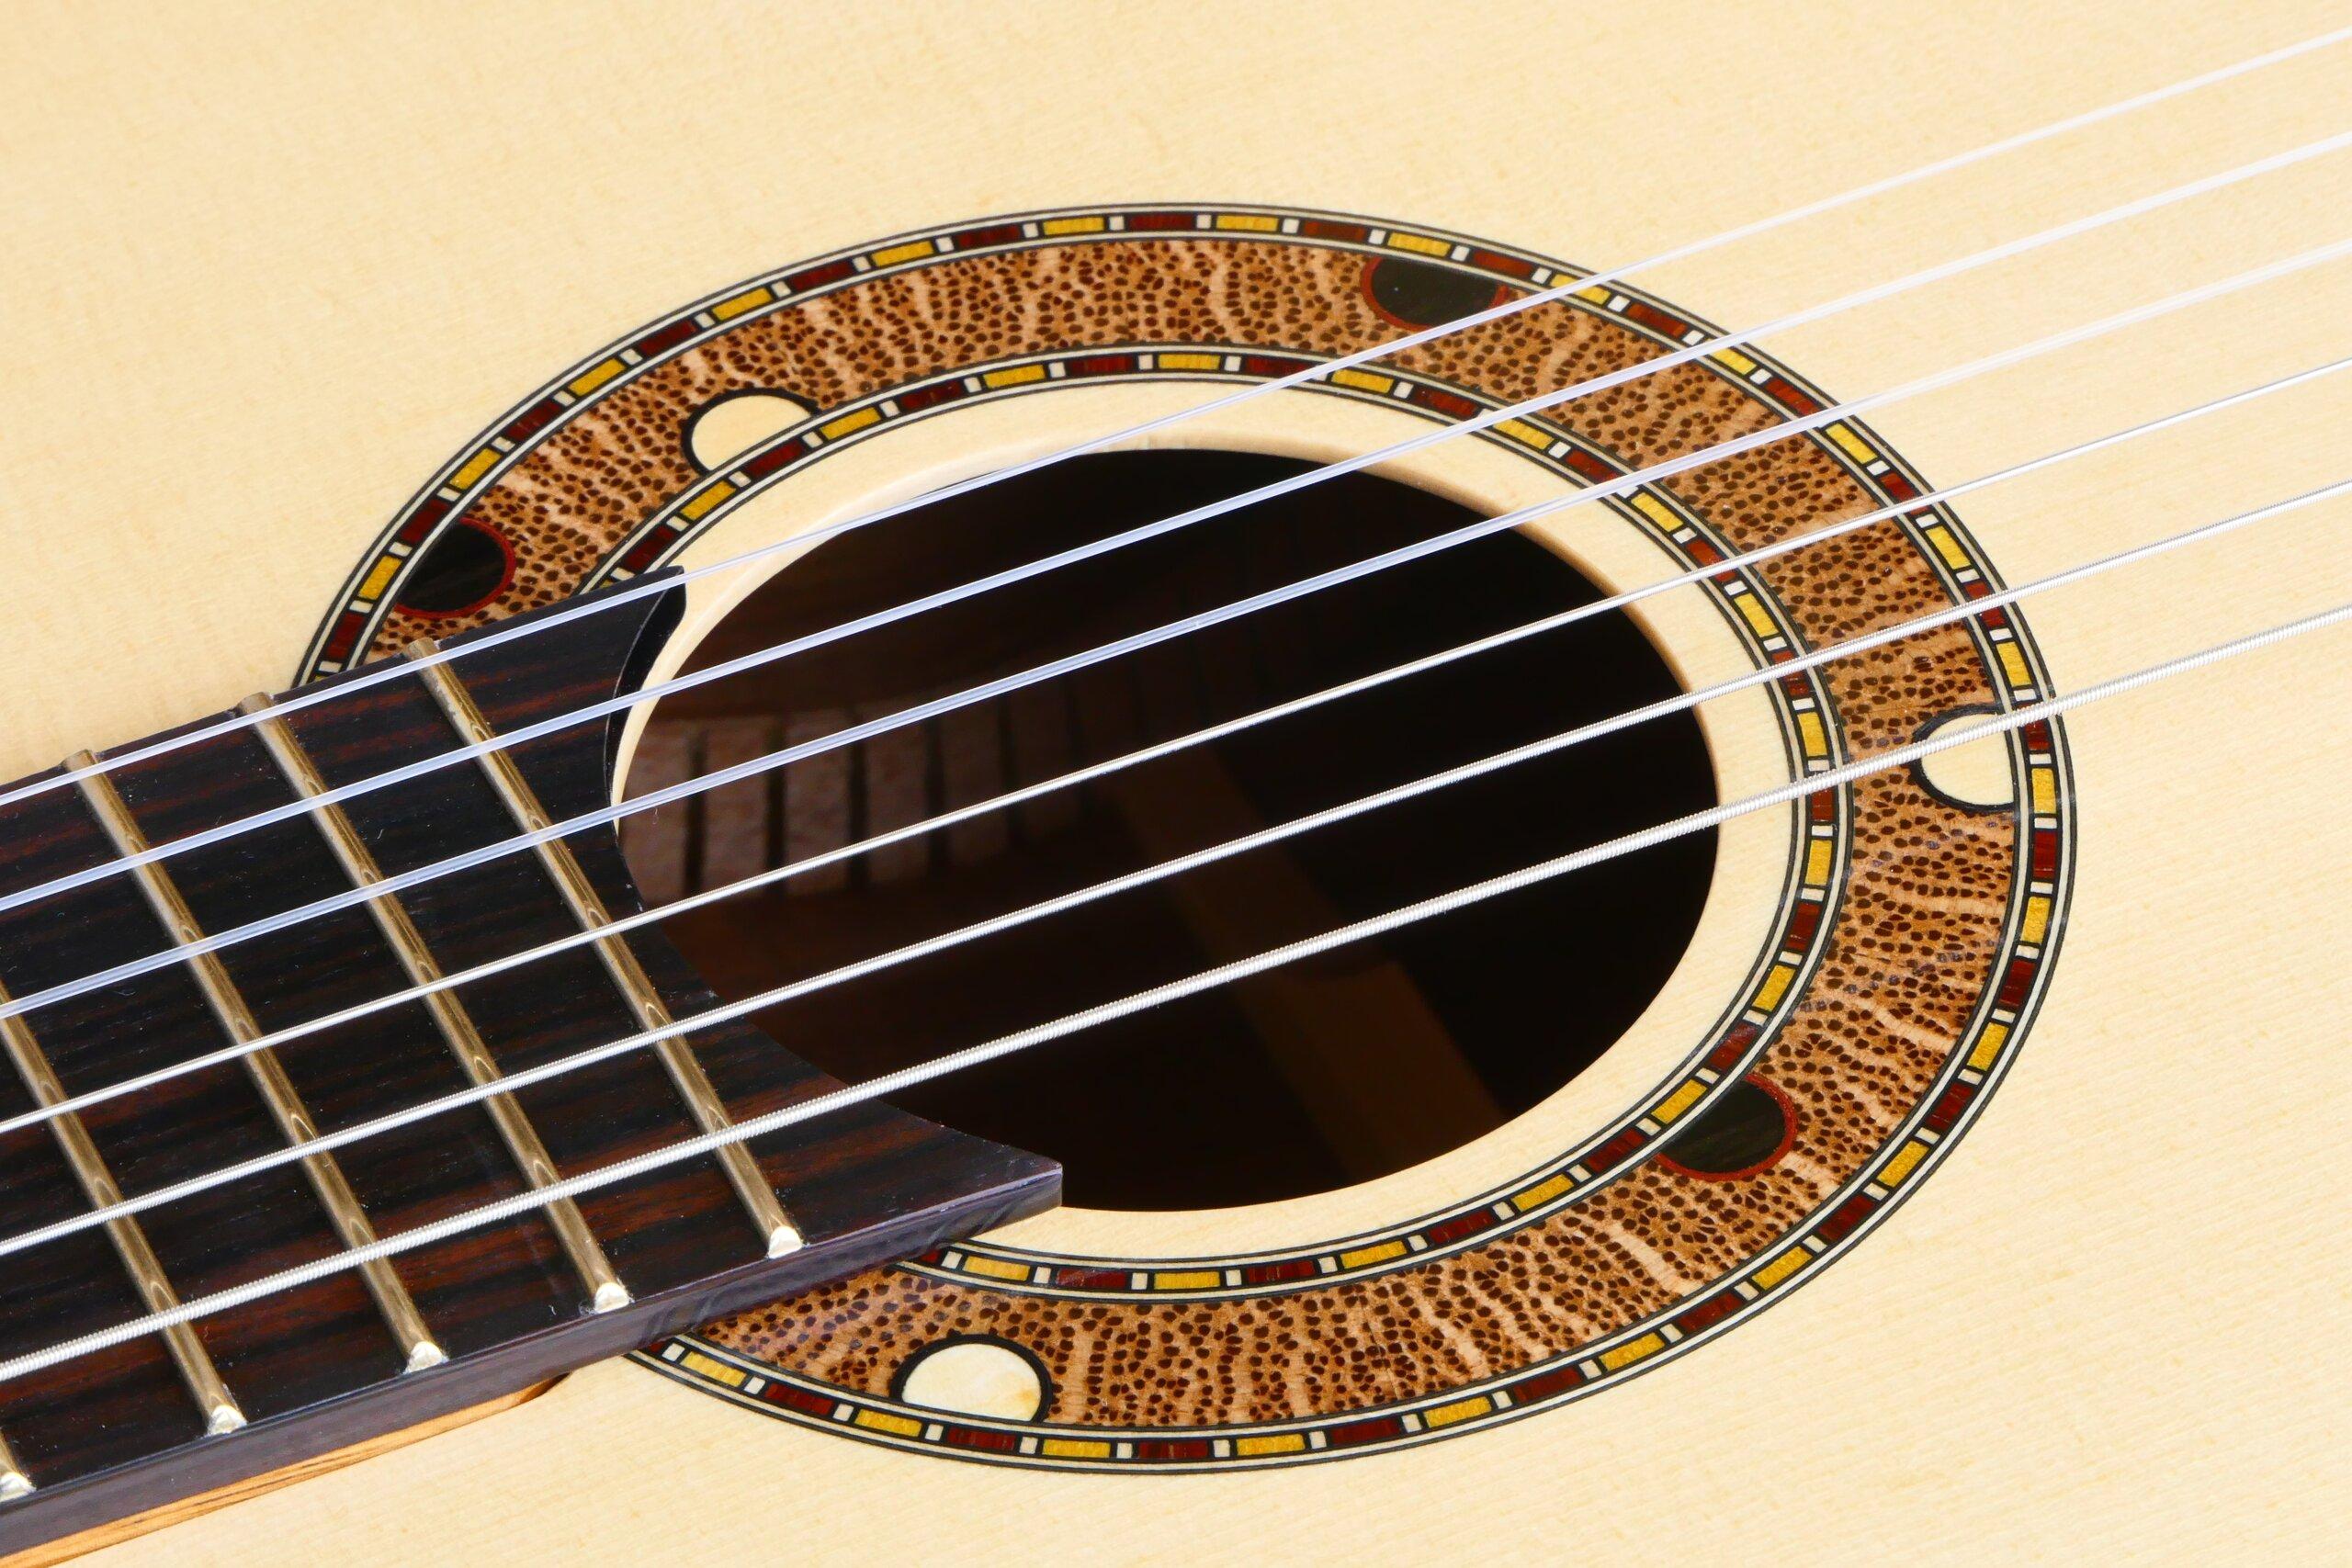 Australiana rosette in a spuce topped tilt-neck classical guitar